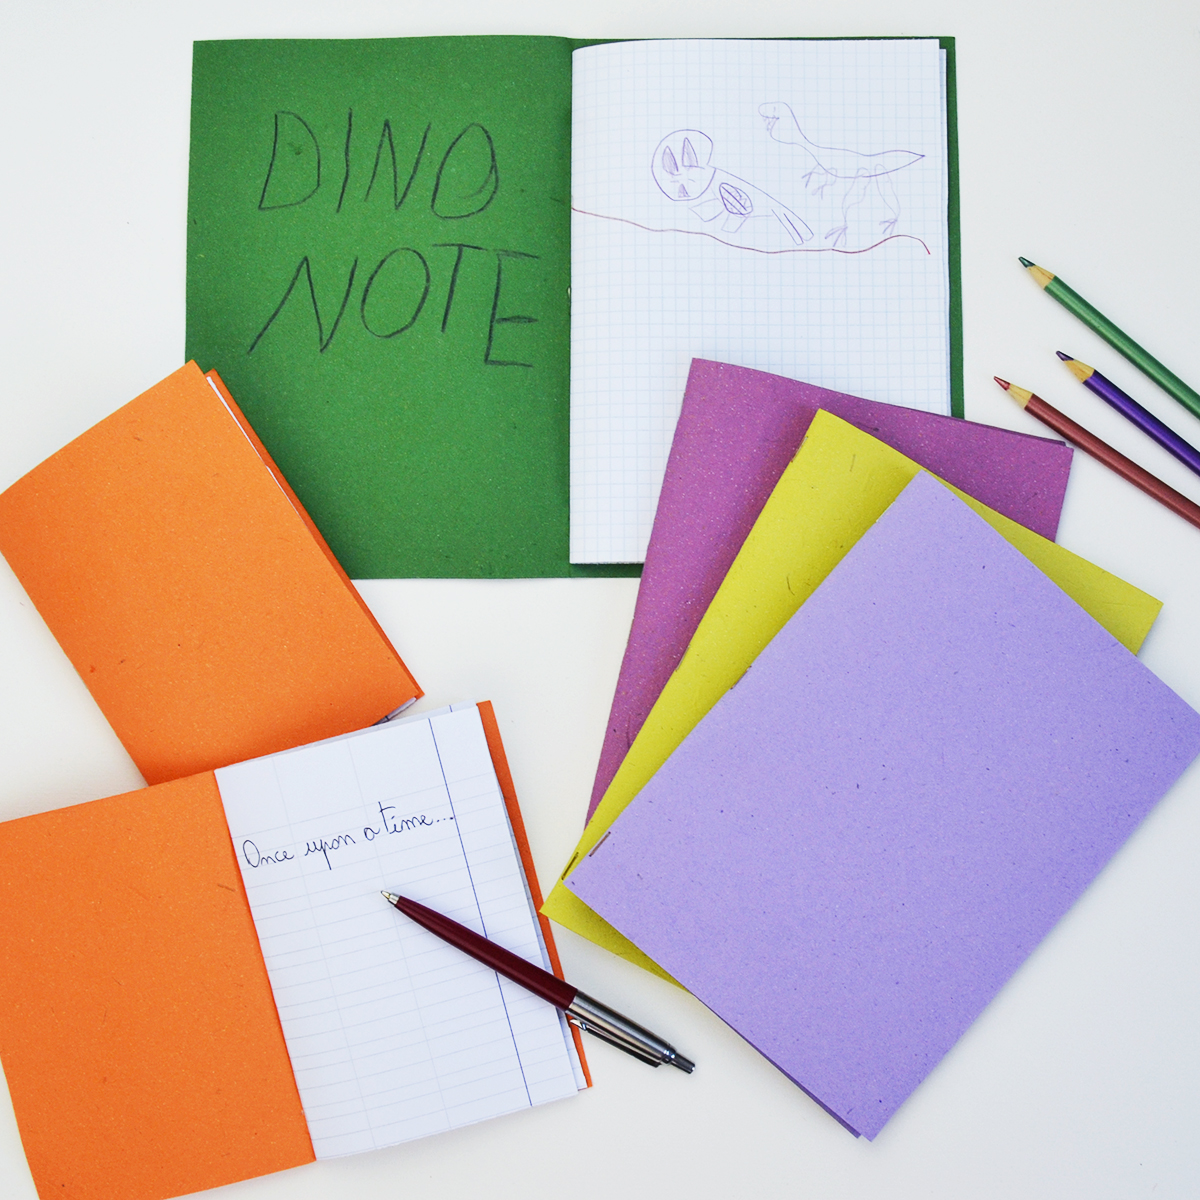 Rimangono sempre delle pagine nei quaderni alla fine dell'anno scolastico, quindi usale per creare dei libretti e quadernetti fai da te da riempire con disegni, racconti o segreti! Bastano 5 minuti ed è GRATIS!